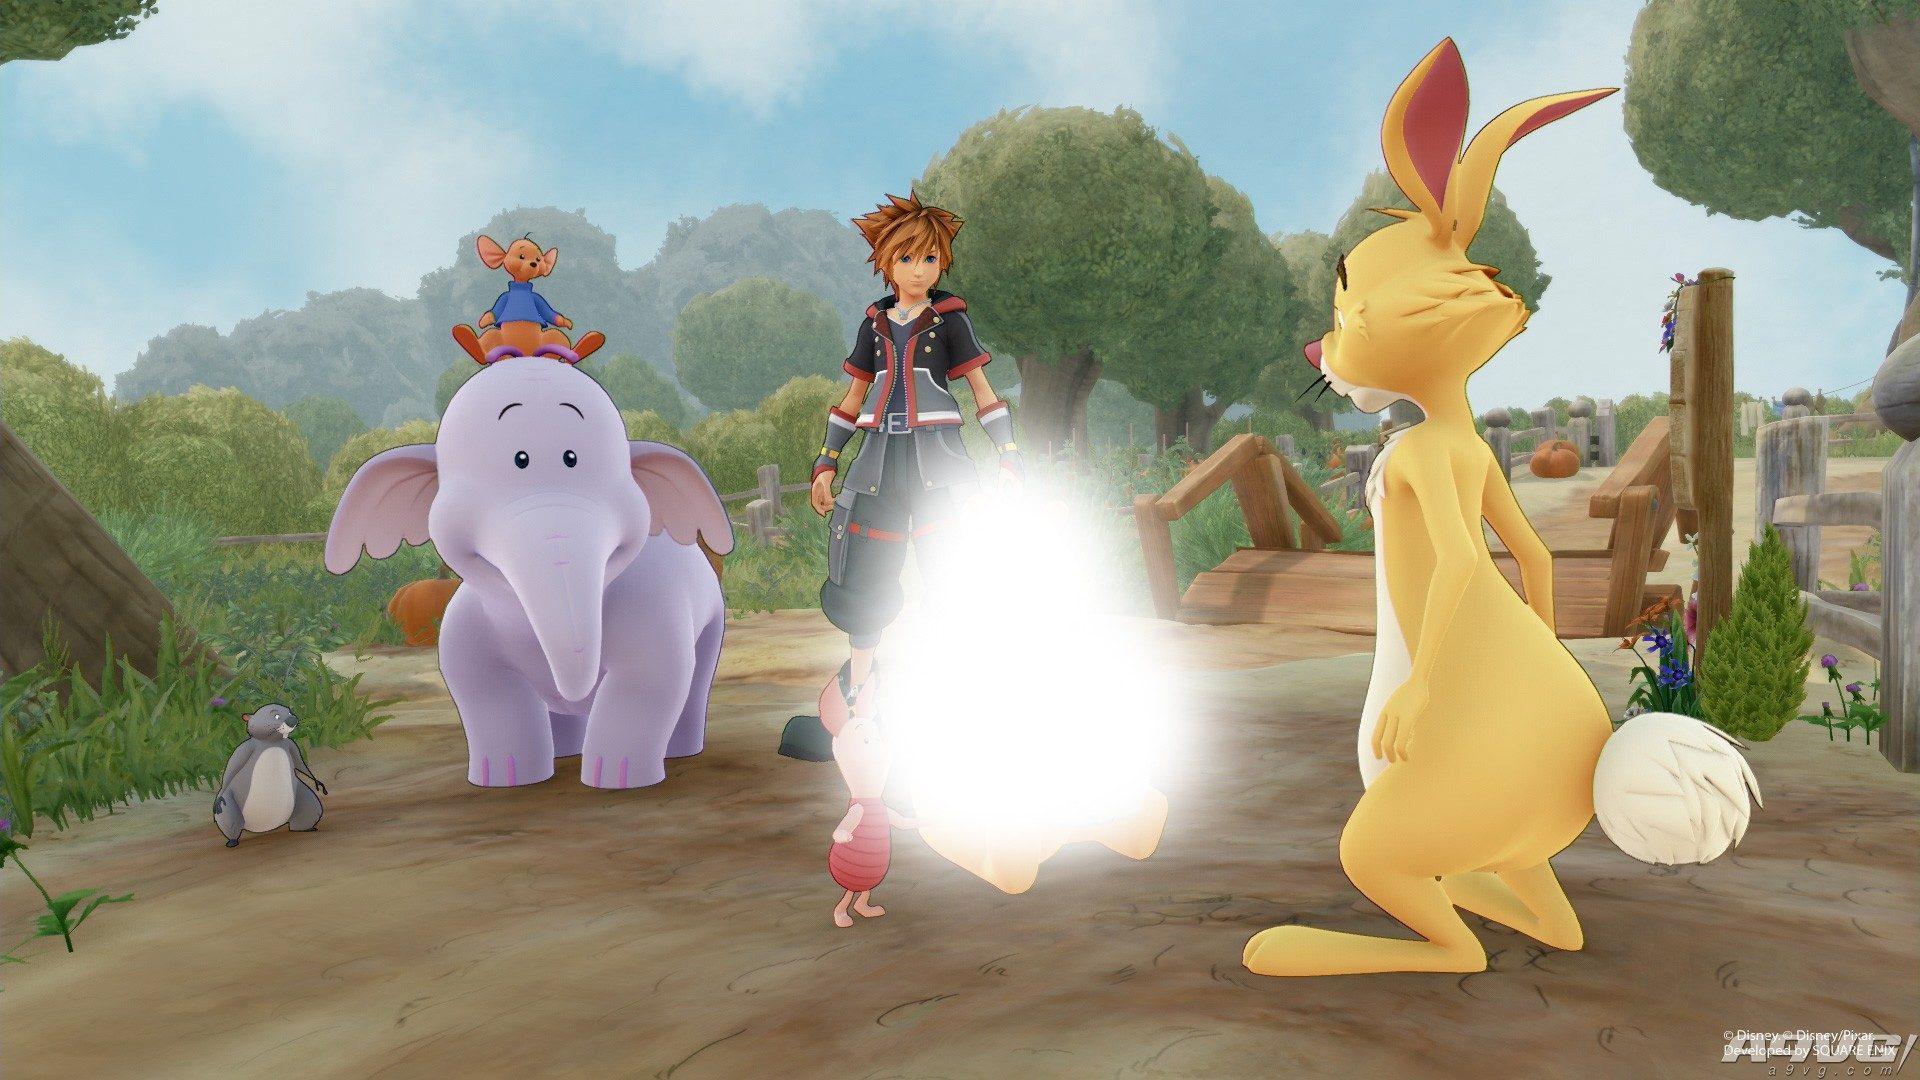 a9efcabf6ac875dd294938394d507612 1920x1080 - Ursinho Pooh é censurado em versões chinesas de Kingdom Hearts III